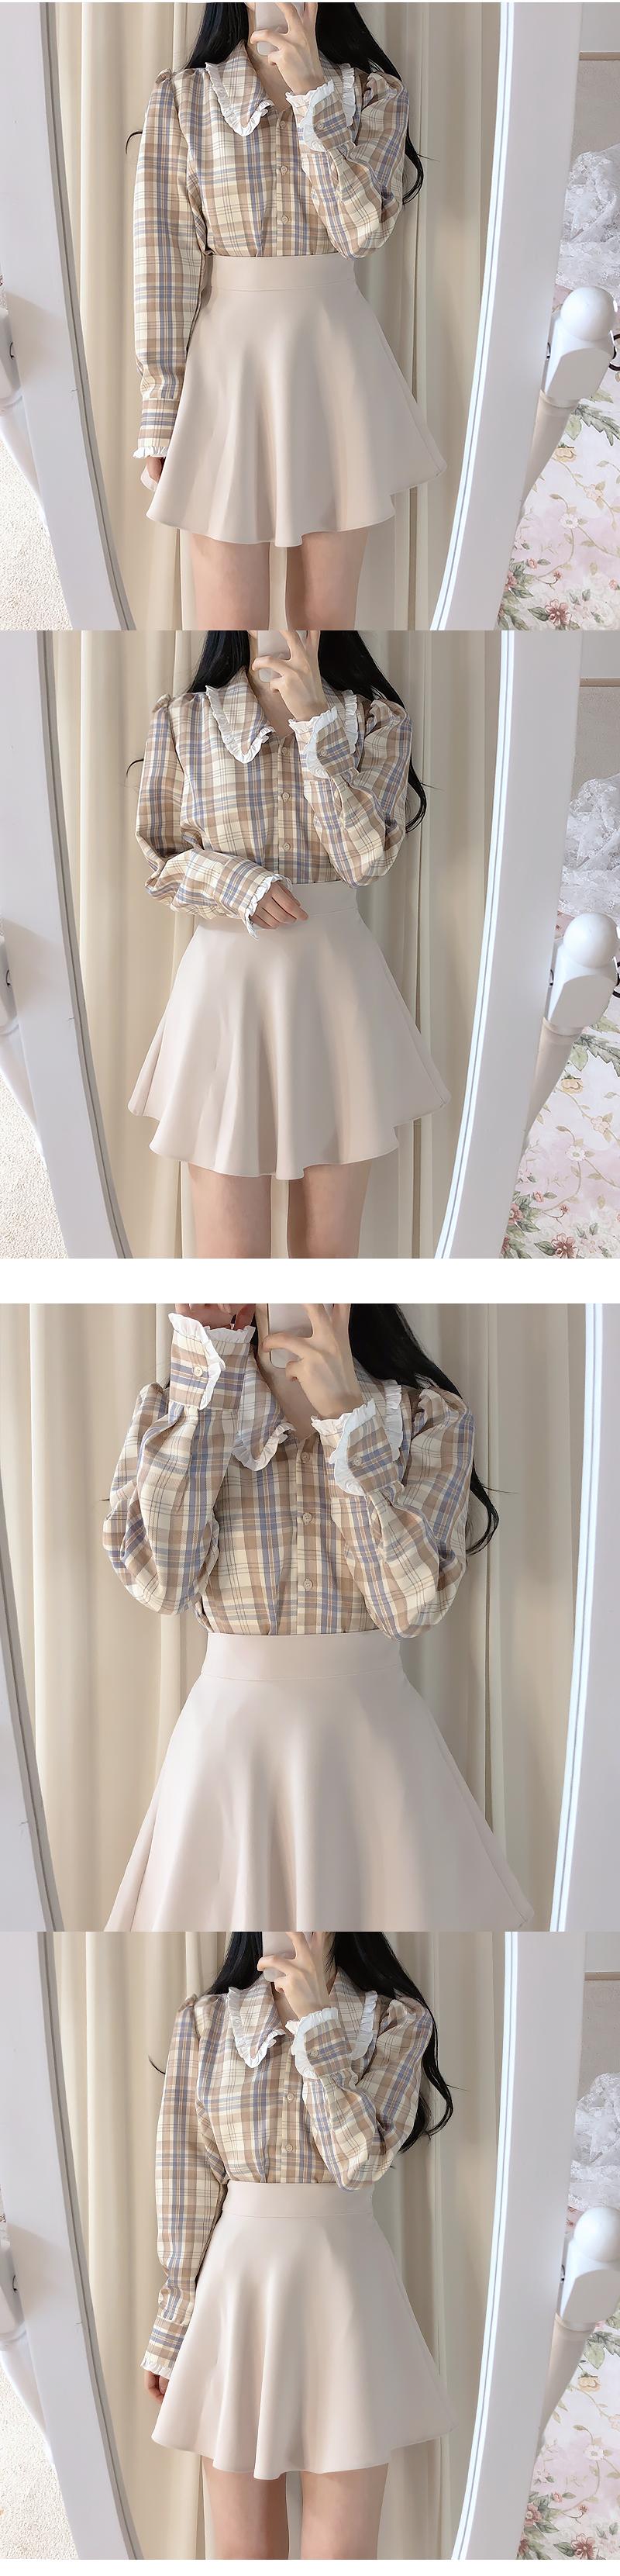 娃娃領荷葉邊公主袖格紋襯衫